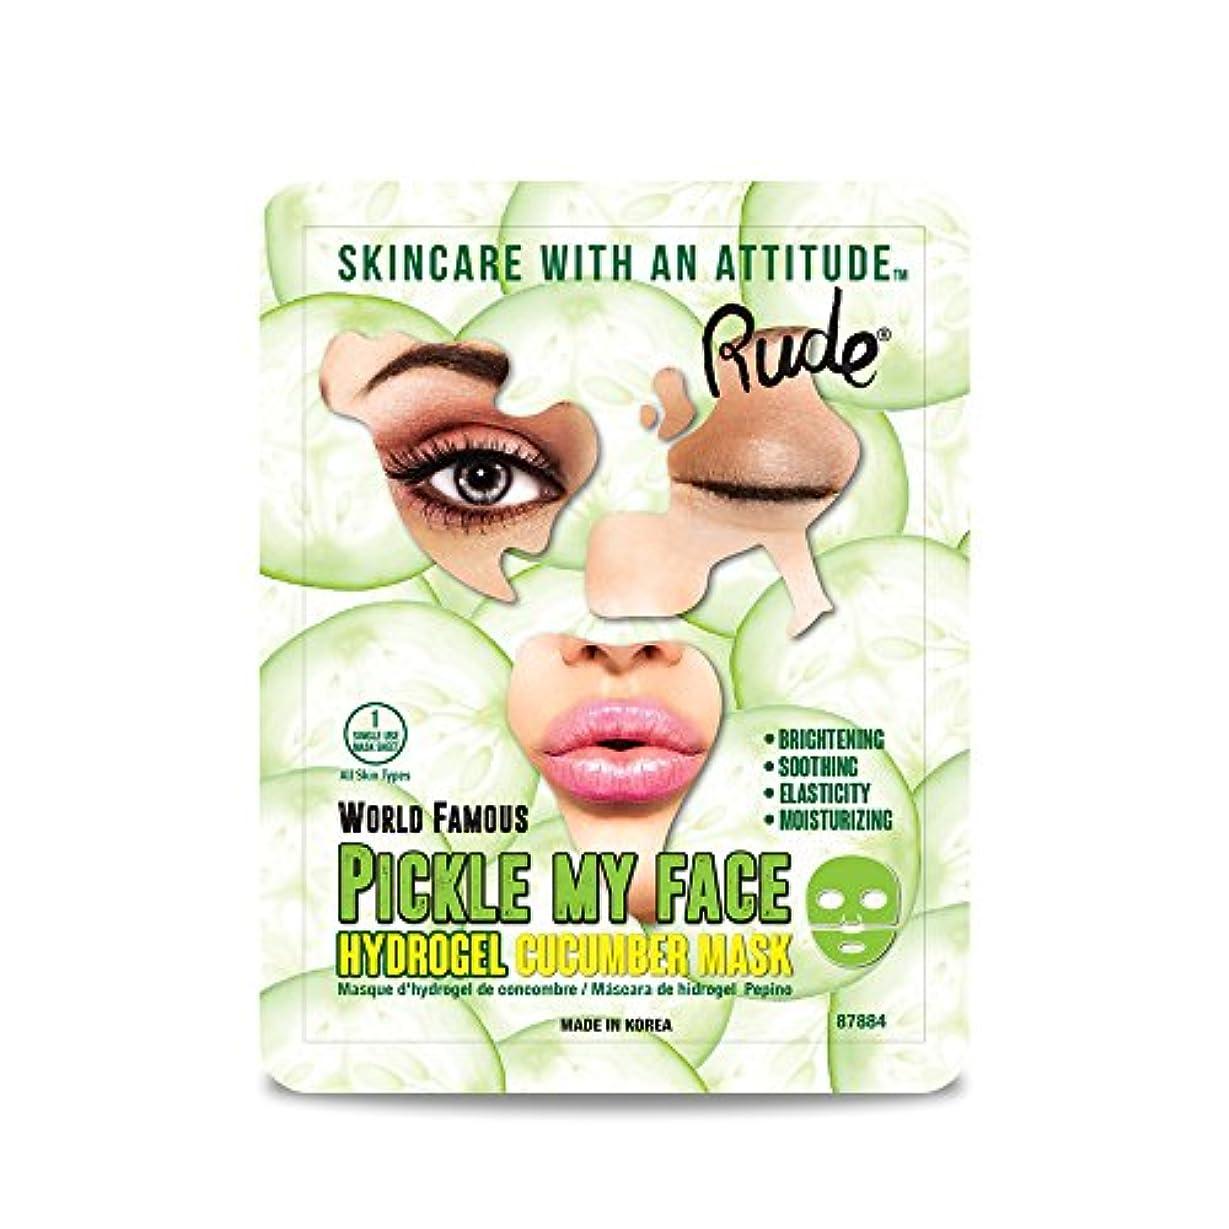 霊不規則な周り(3 Pack) RUDE Pickle My Face Hydrogel Cucumber Mask (並行輸入品)